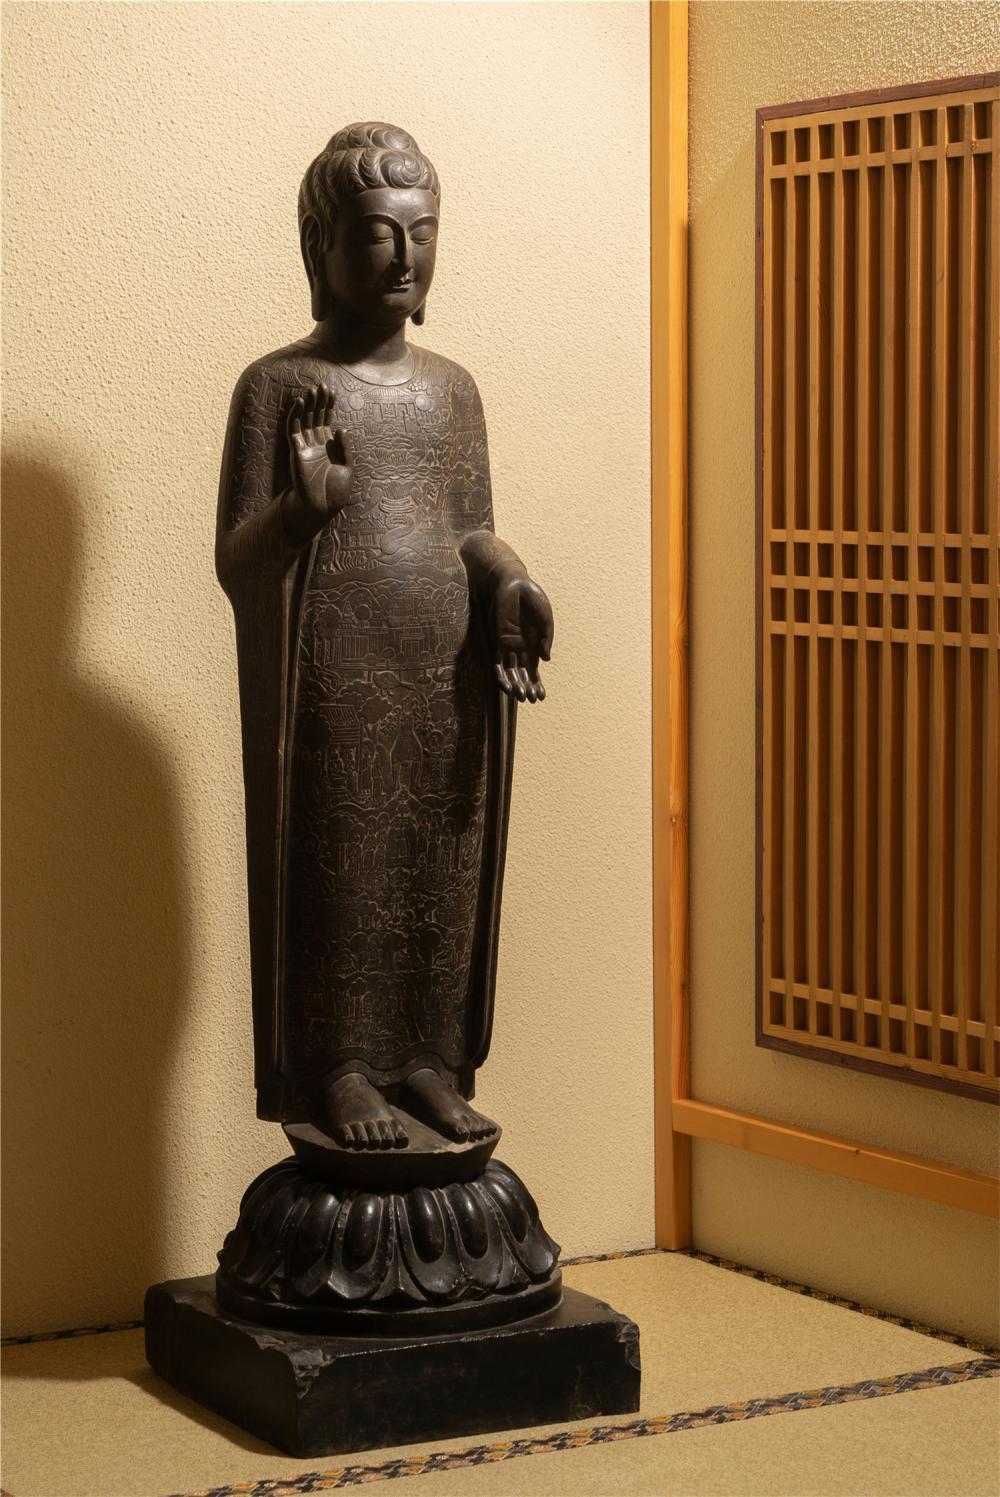 A STONE CARVING FIGURE OF BUDDHA SHAKYAMUNI. 6th CENTURY.